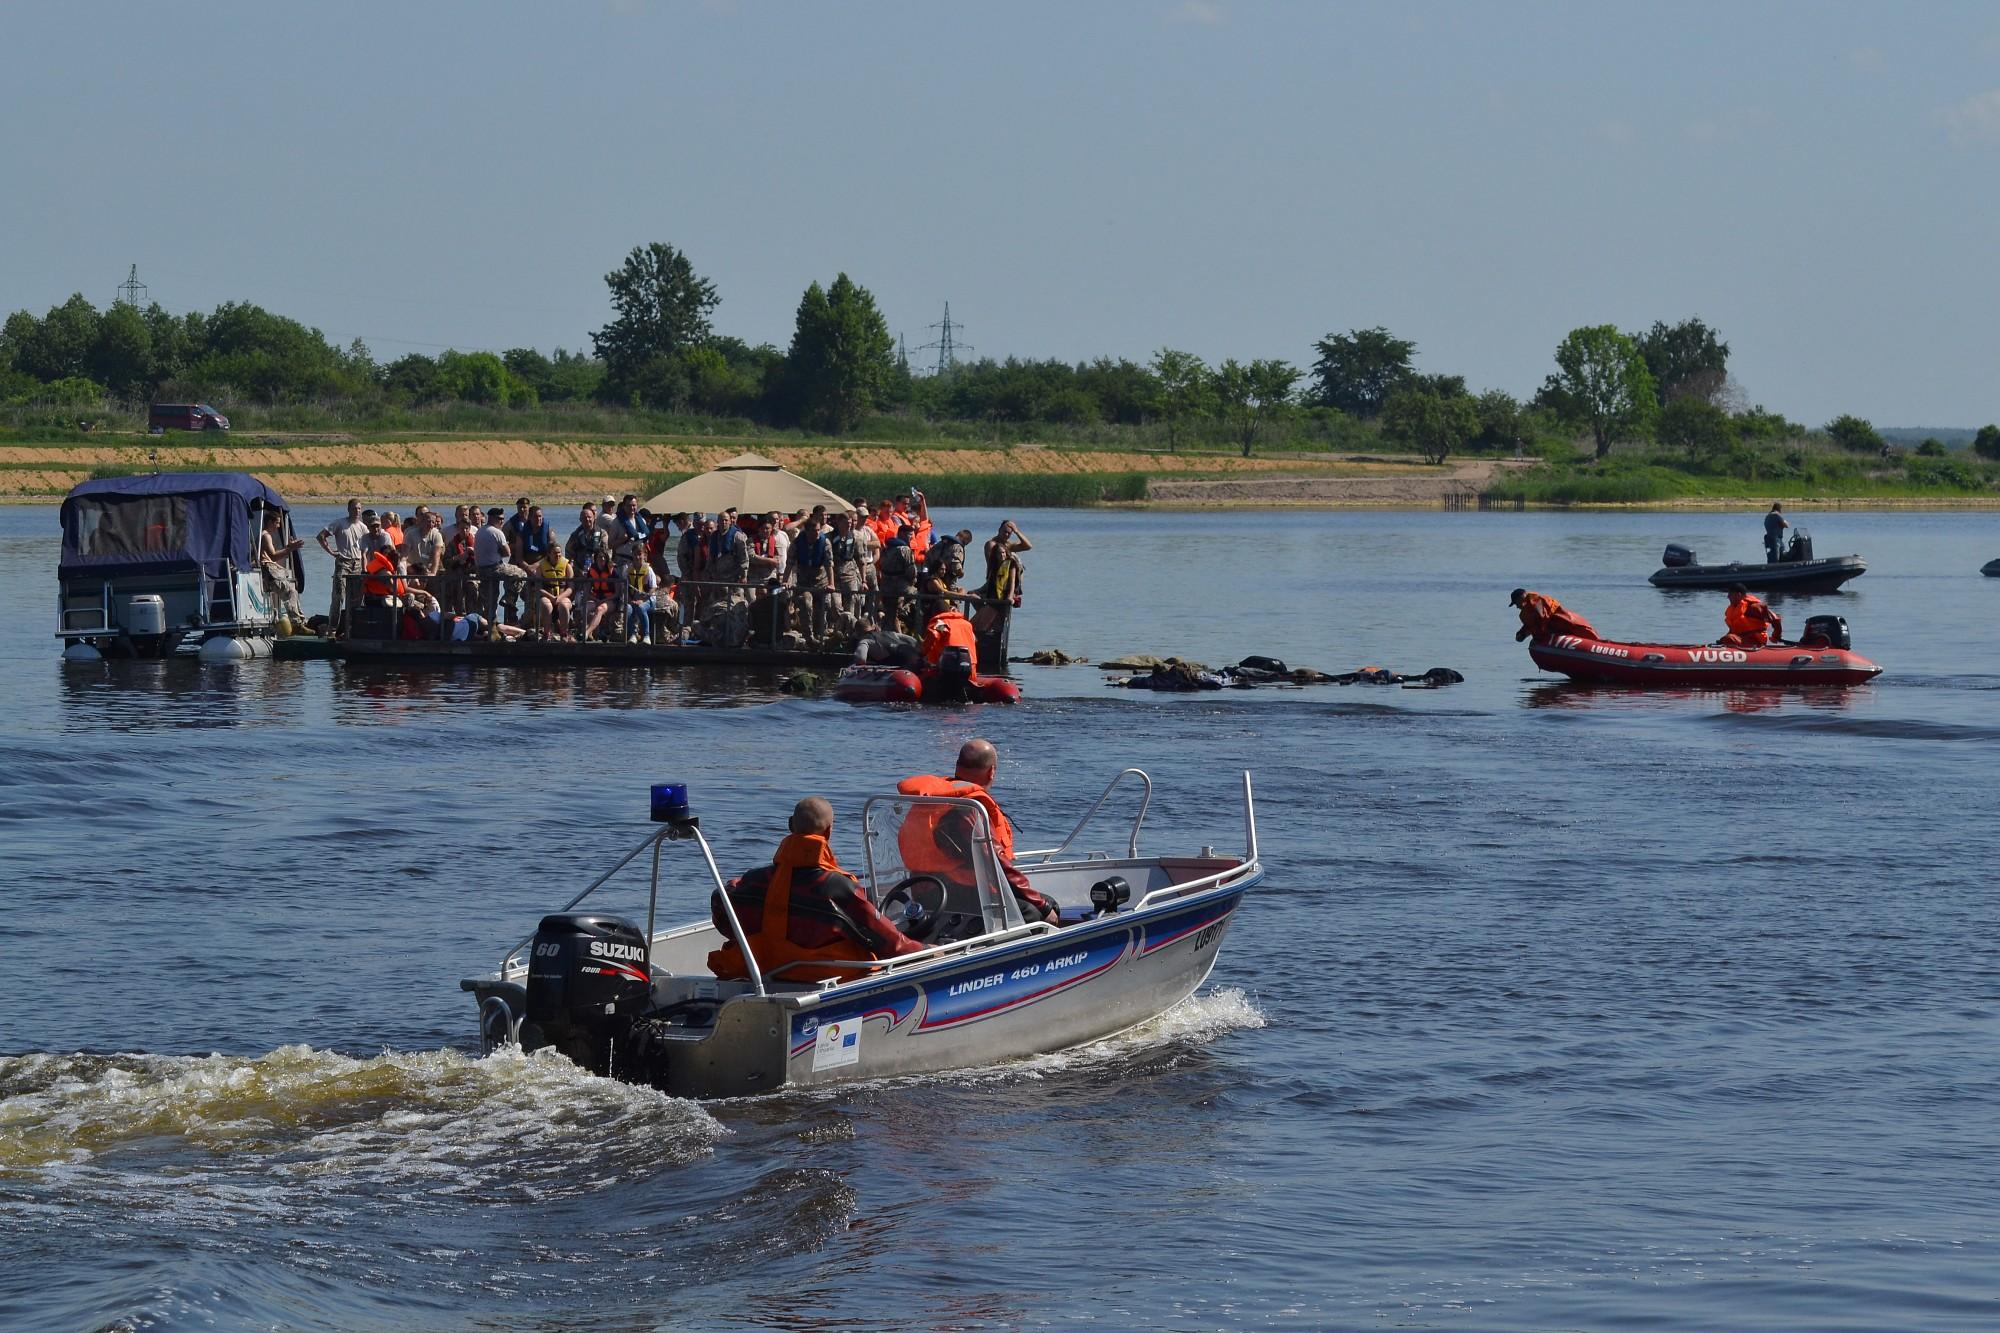 Lidmašīna ezerā, jāglābj izdzīvojušie